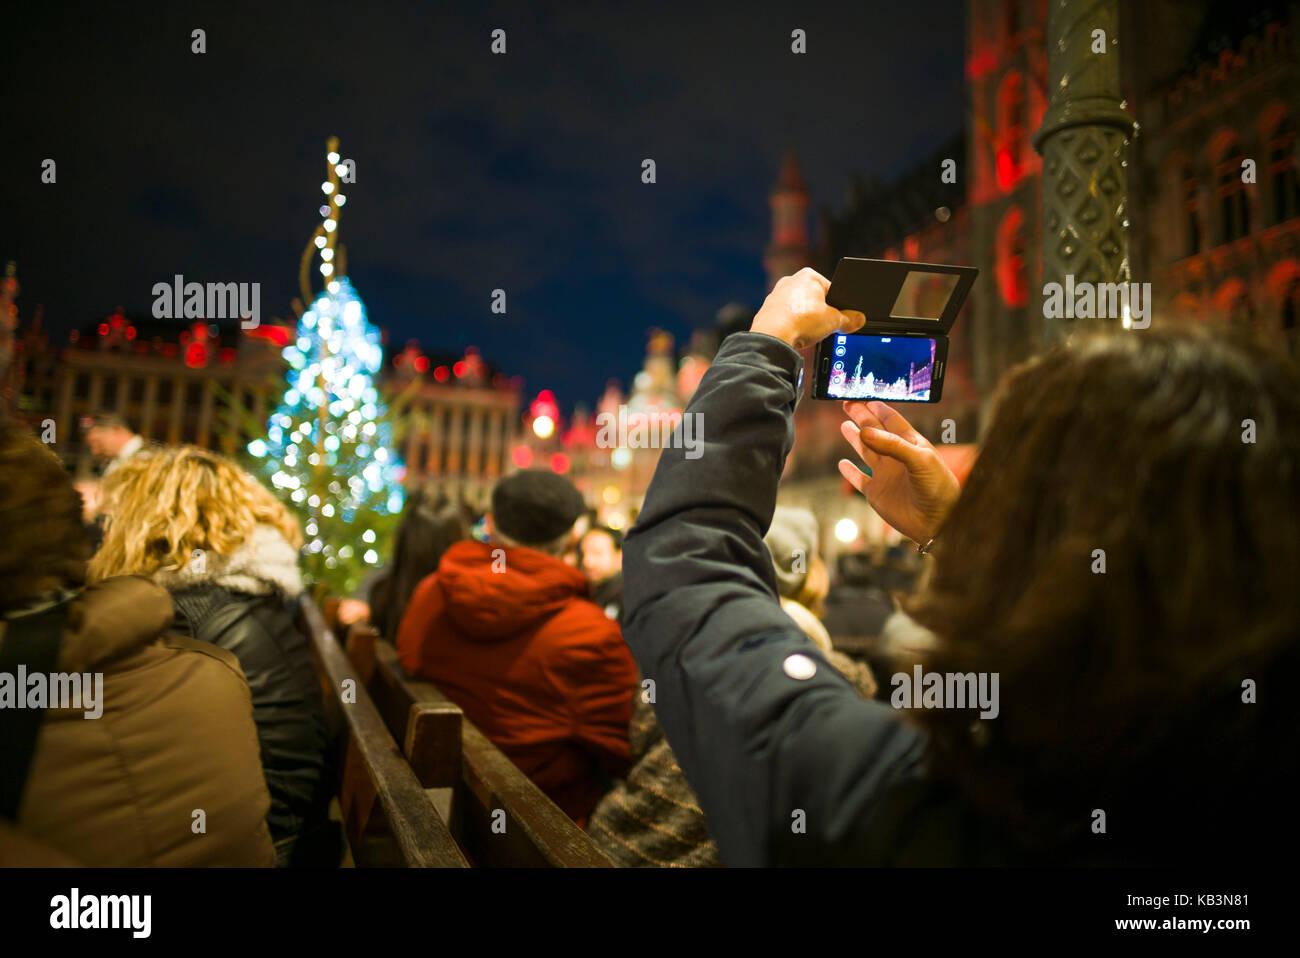 Belgien, Brüssel, Grand Place, abendlichen Beleuchtung zu Weihnachten Stockbild